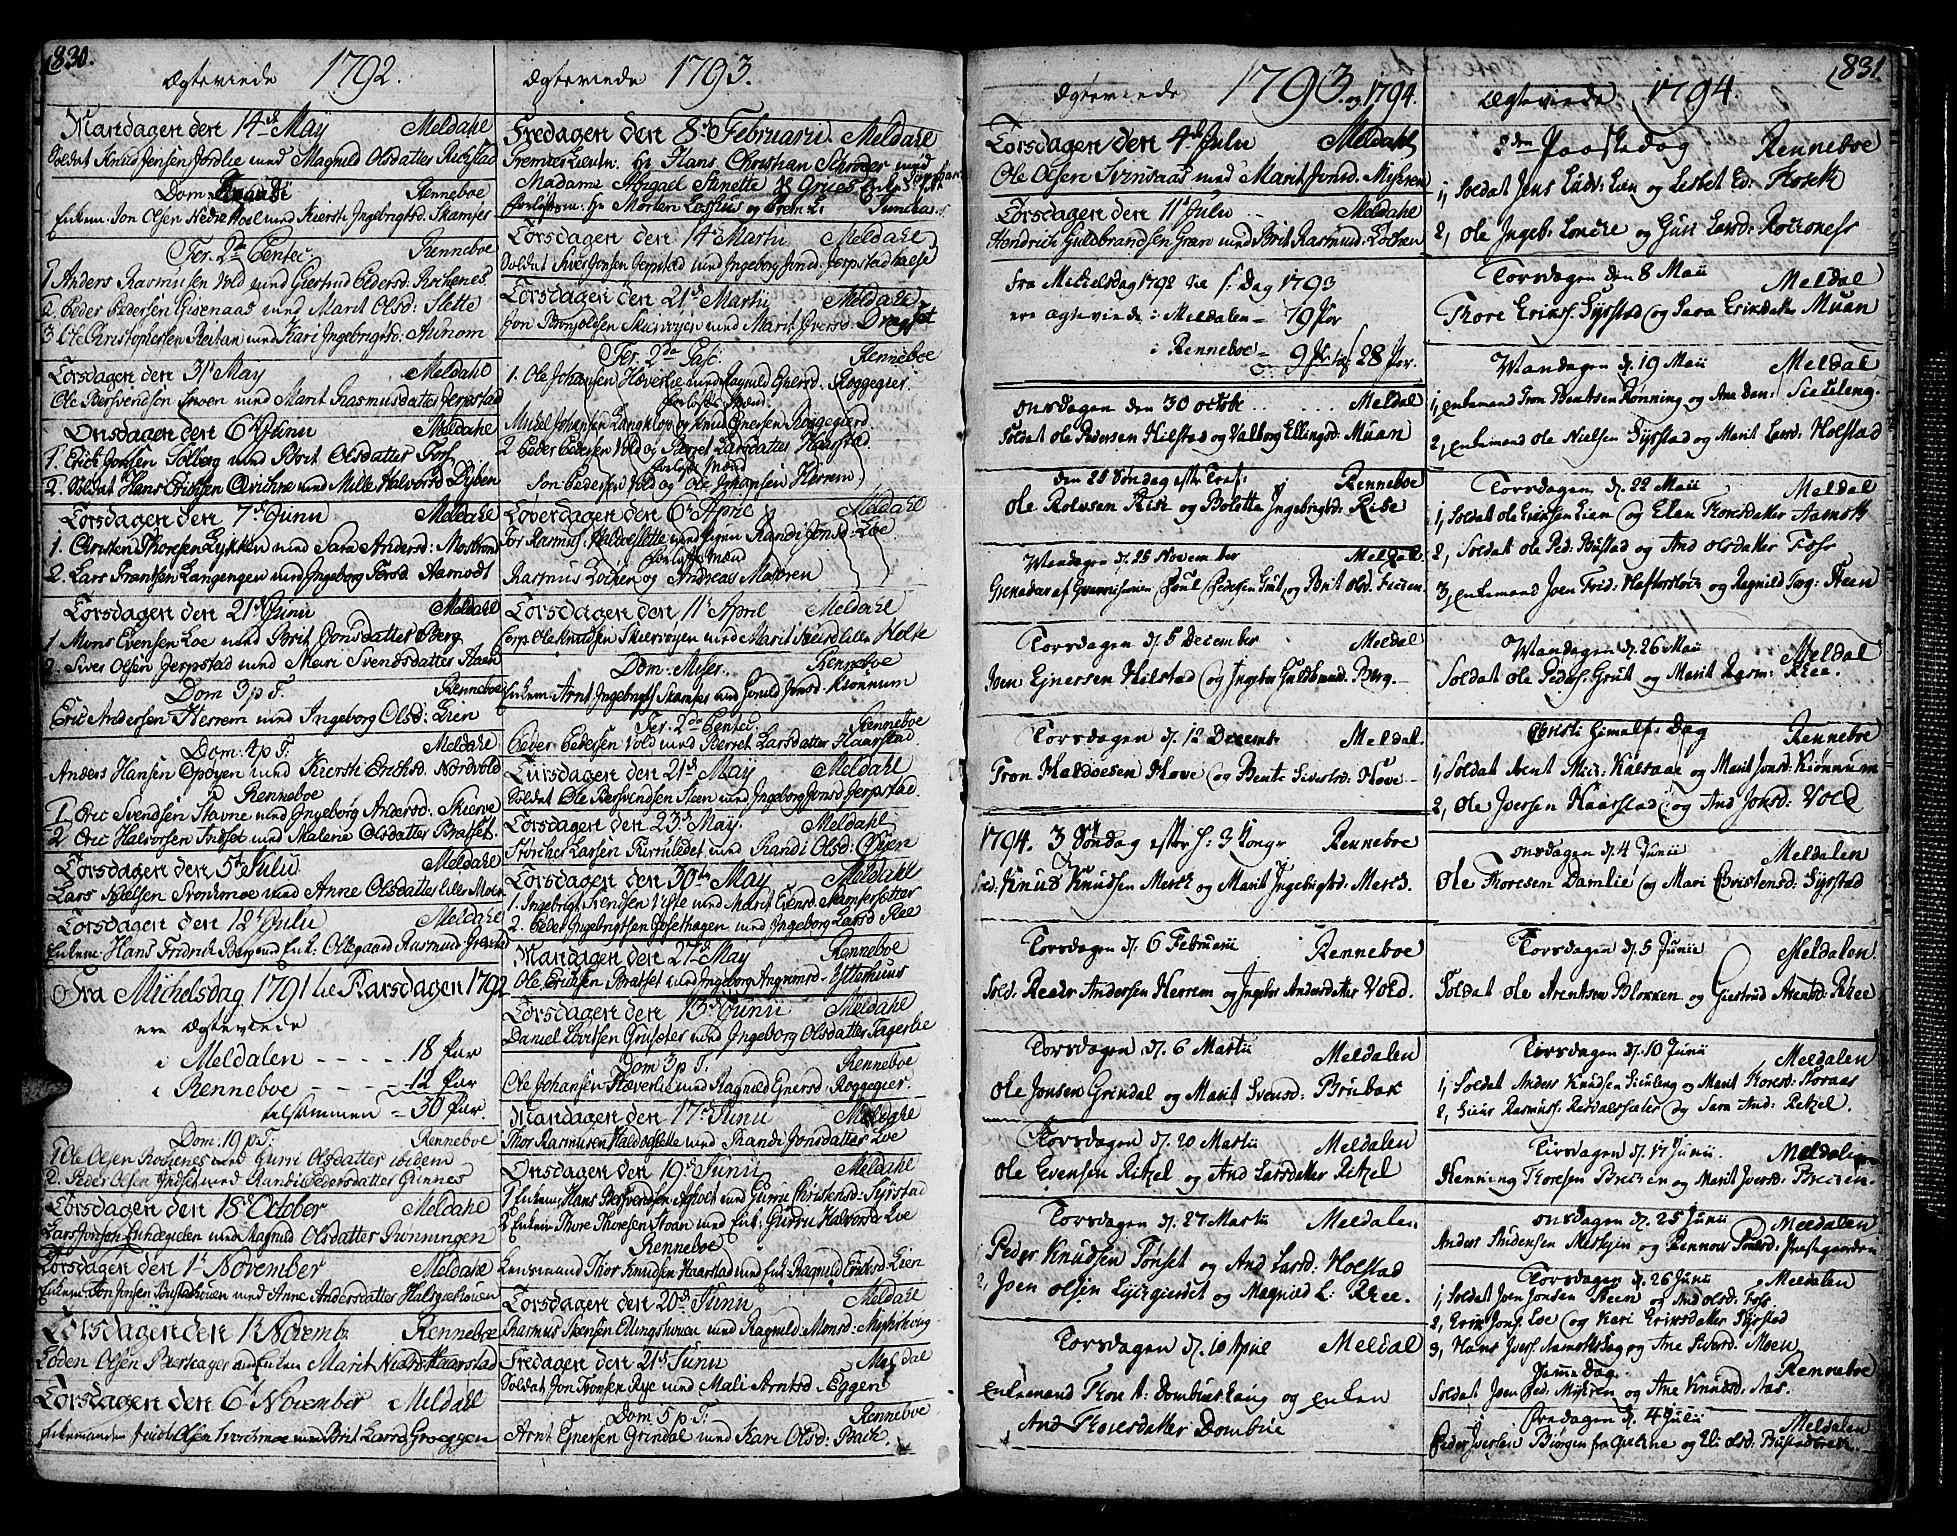 SAT, Ministerialprotokoller, klokkerbøker og fødselsregistre - Sør-Trøndelag, 672/L0852: Ministerialbok nr. 672A05, 1776-1815, s. 830-831